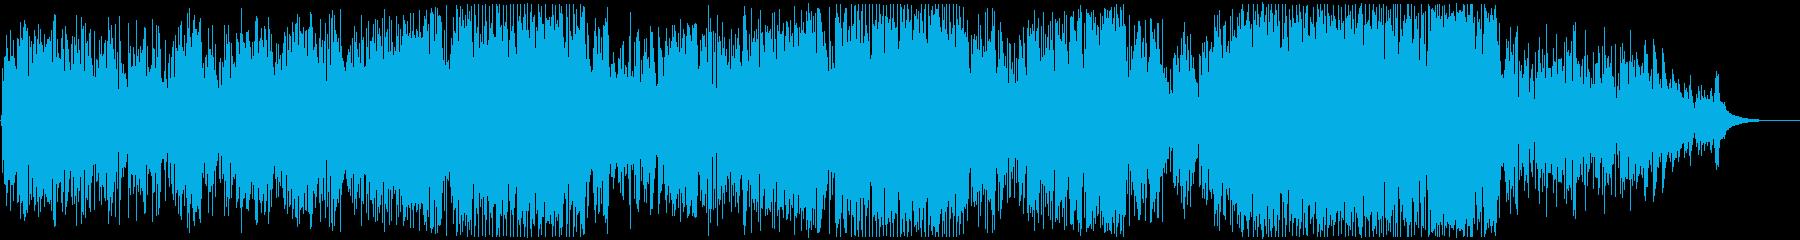 さわやかな自然を思わせる高音質ソロギターの再生済みの波形